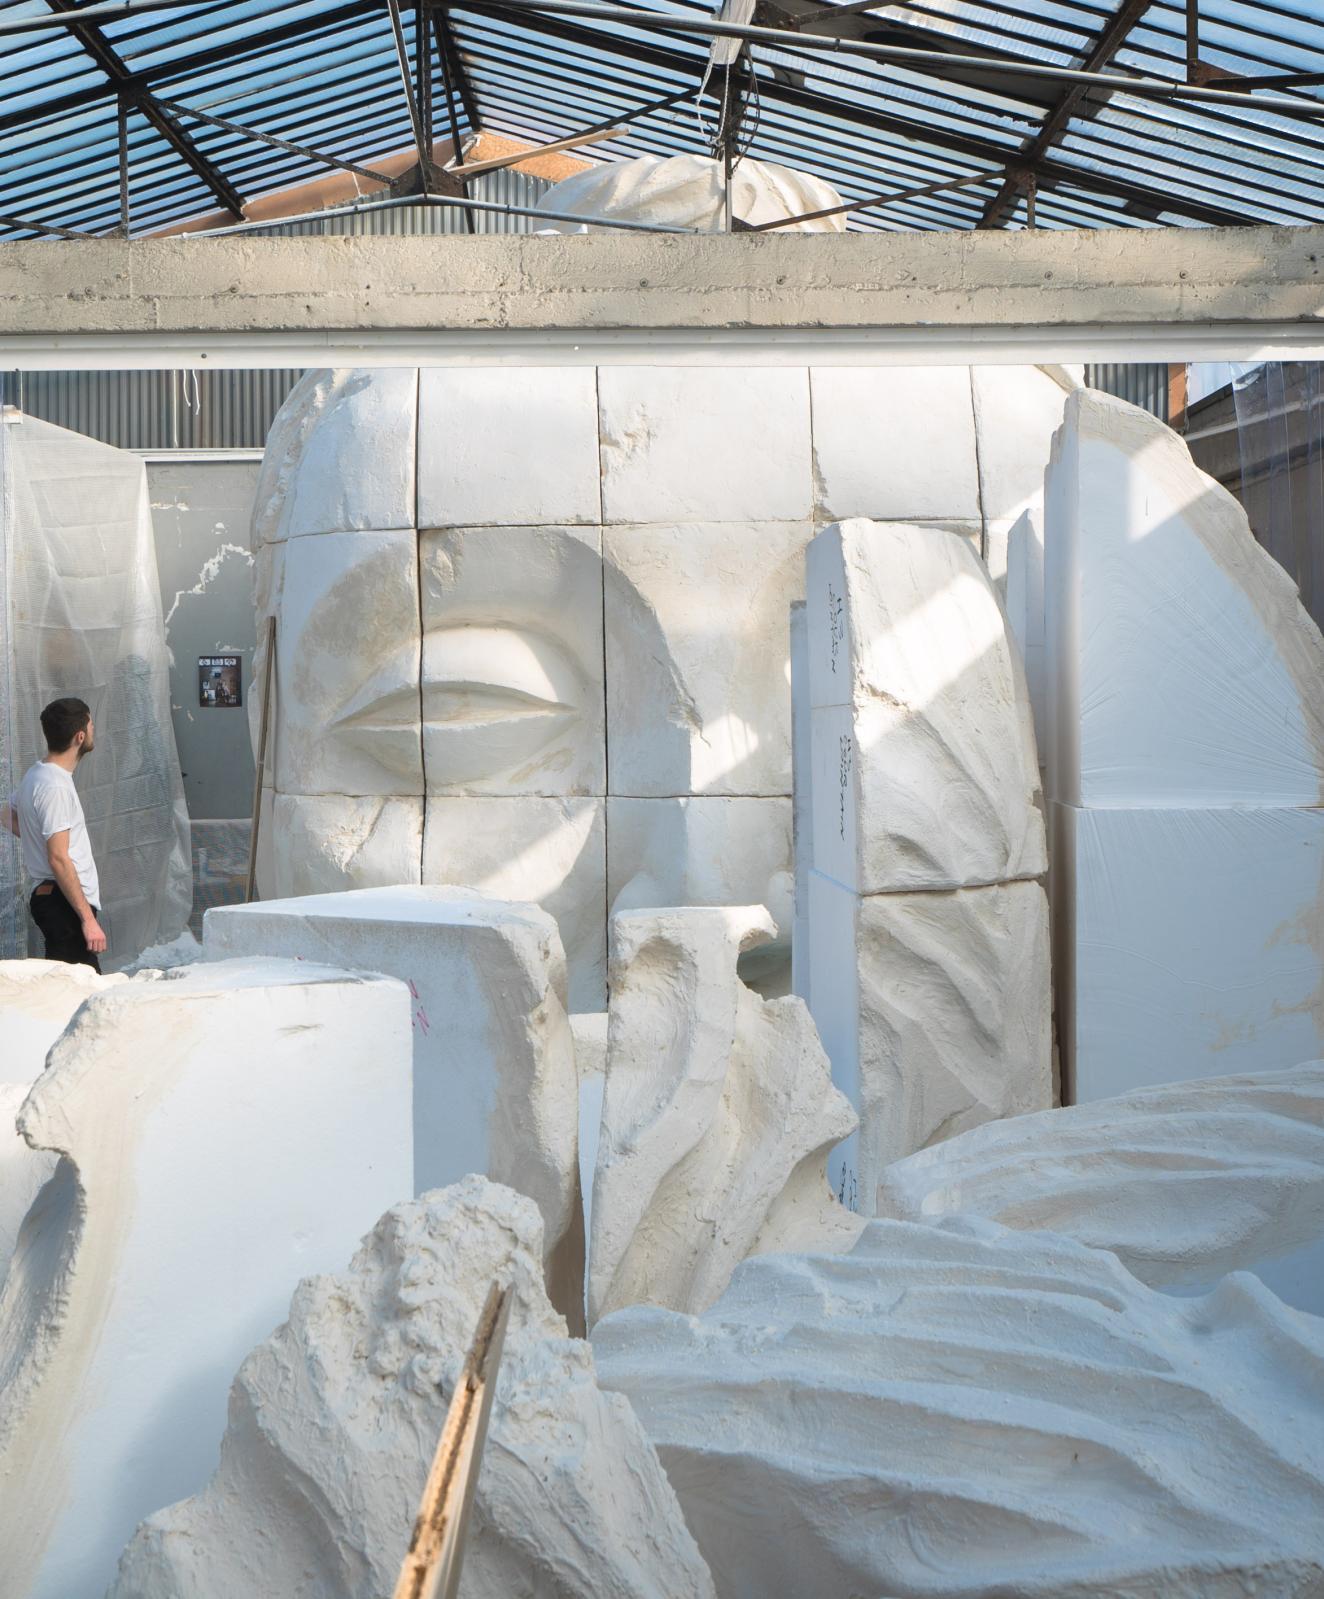 Vue de l'atelier parisien de Prune Nourry: statue monumentale de bouddha en cours de création en vue de l'exposition au musée Guimet. ©Antoine Pétin